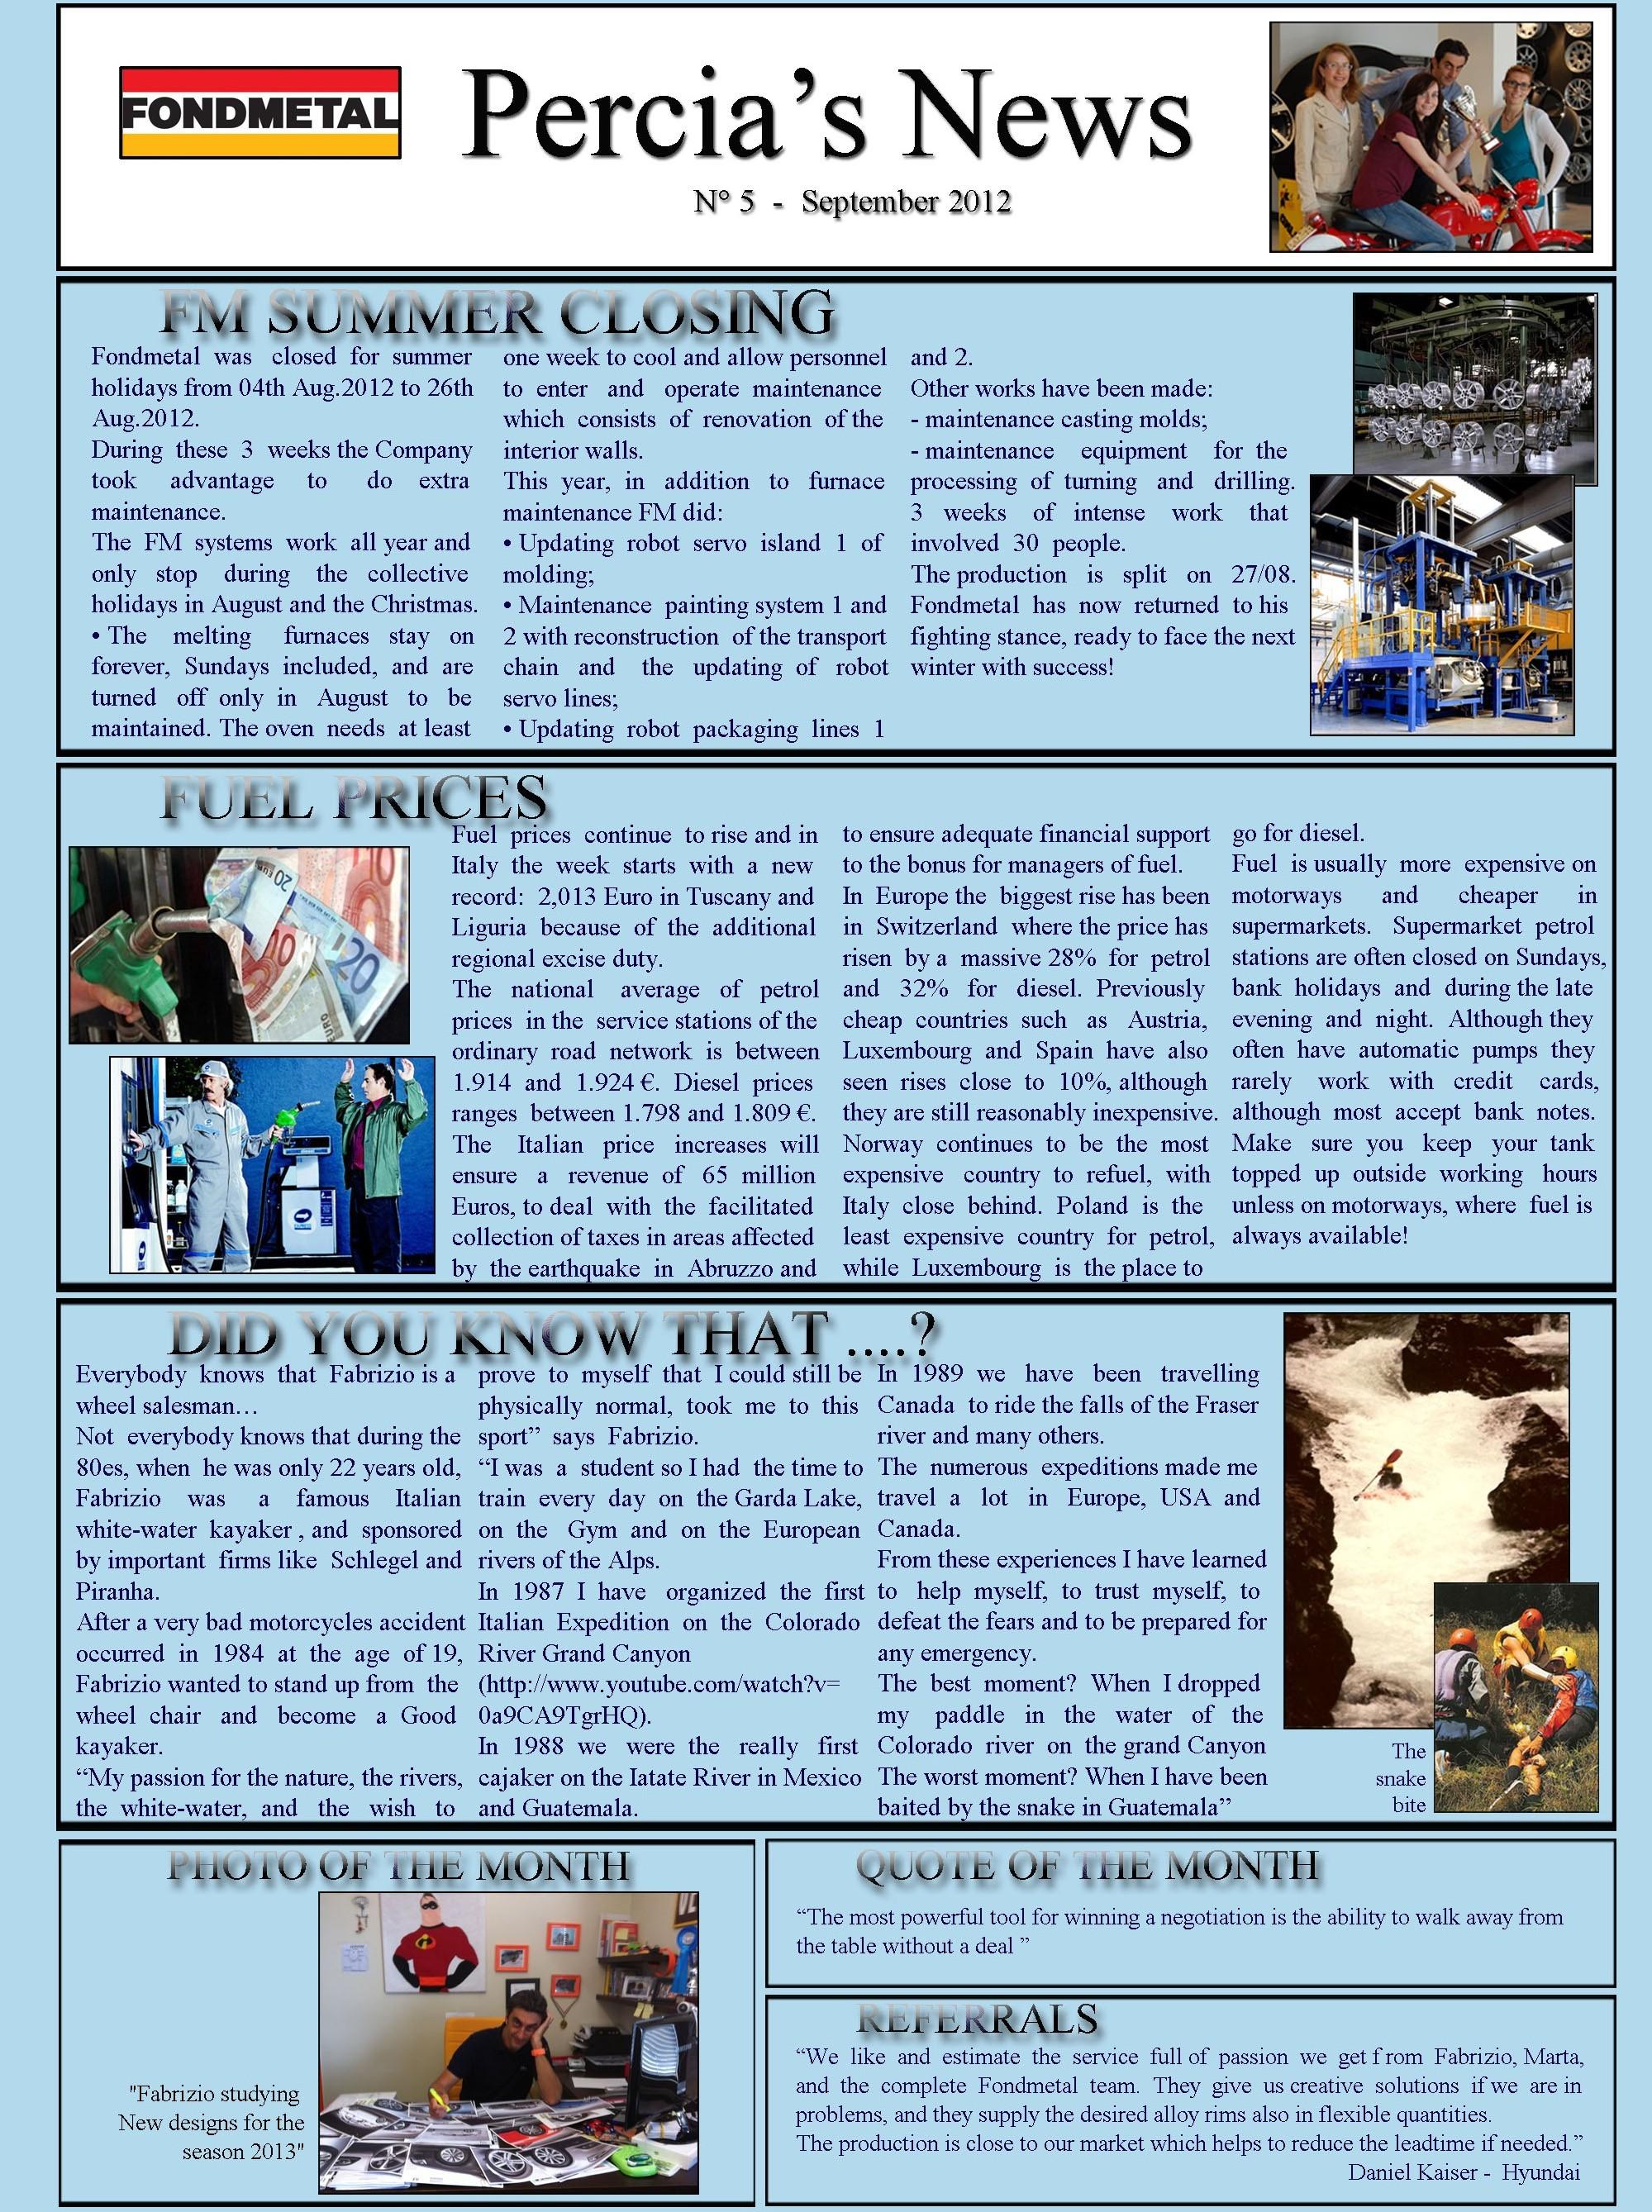 PERCIA'S NEWS SEPTEMBER 2012